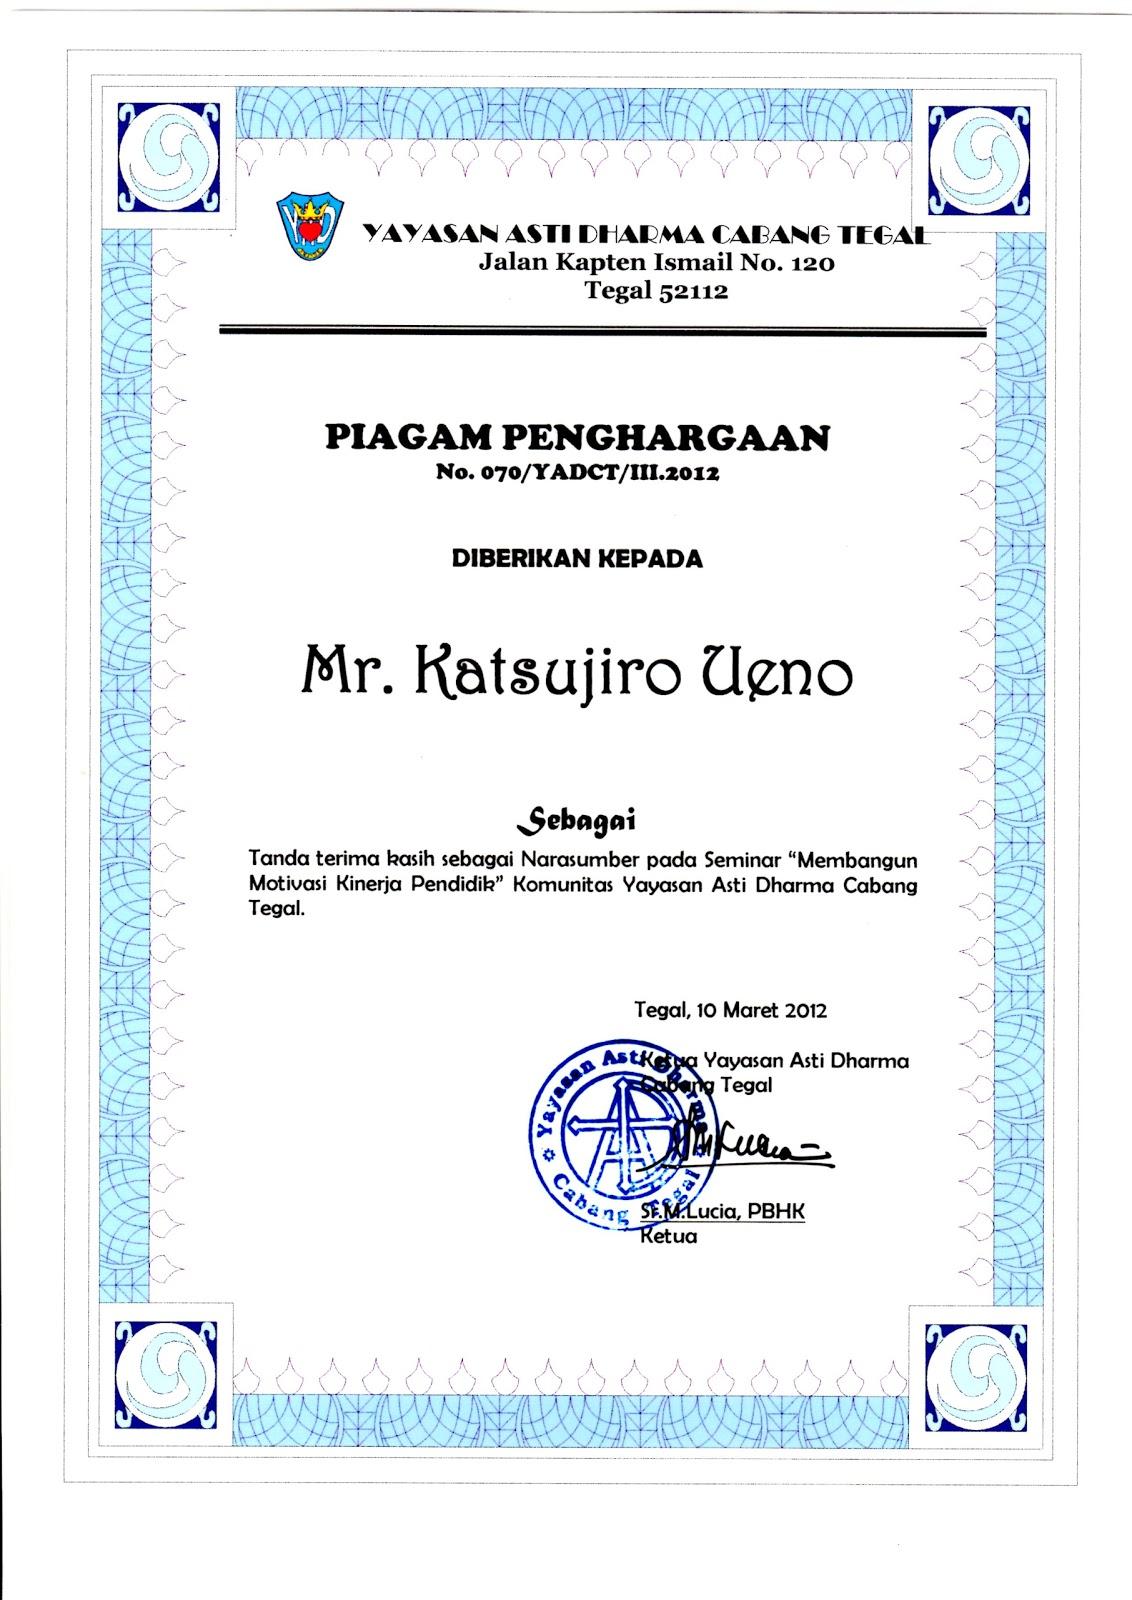 Piagam Penghargaan Untuk Apresiasinya ...